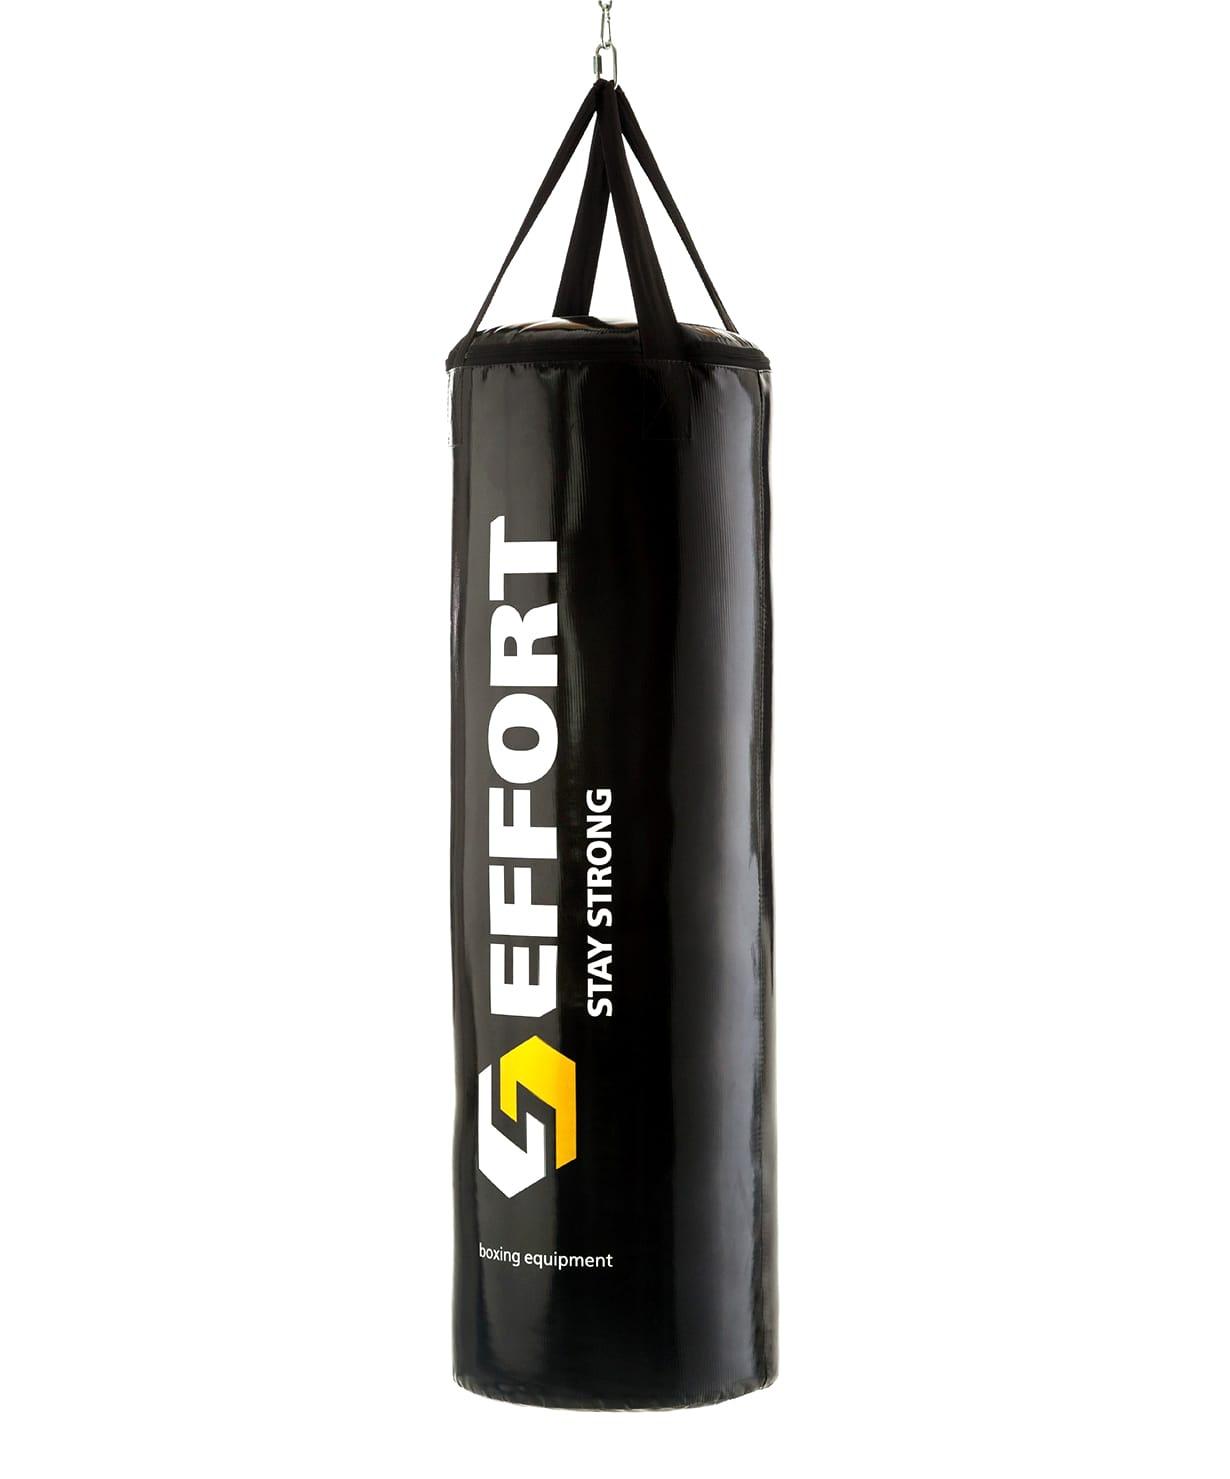 Мешок боксерский Effort E153, тент, 11 кг, черный мешок боксерский атлет sportlim 25 кг